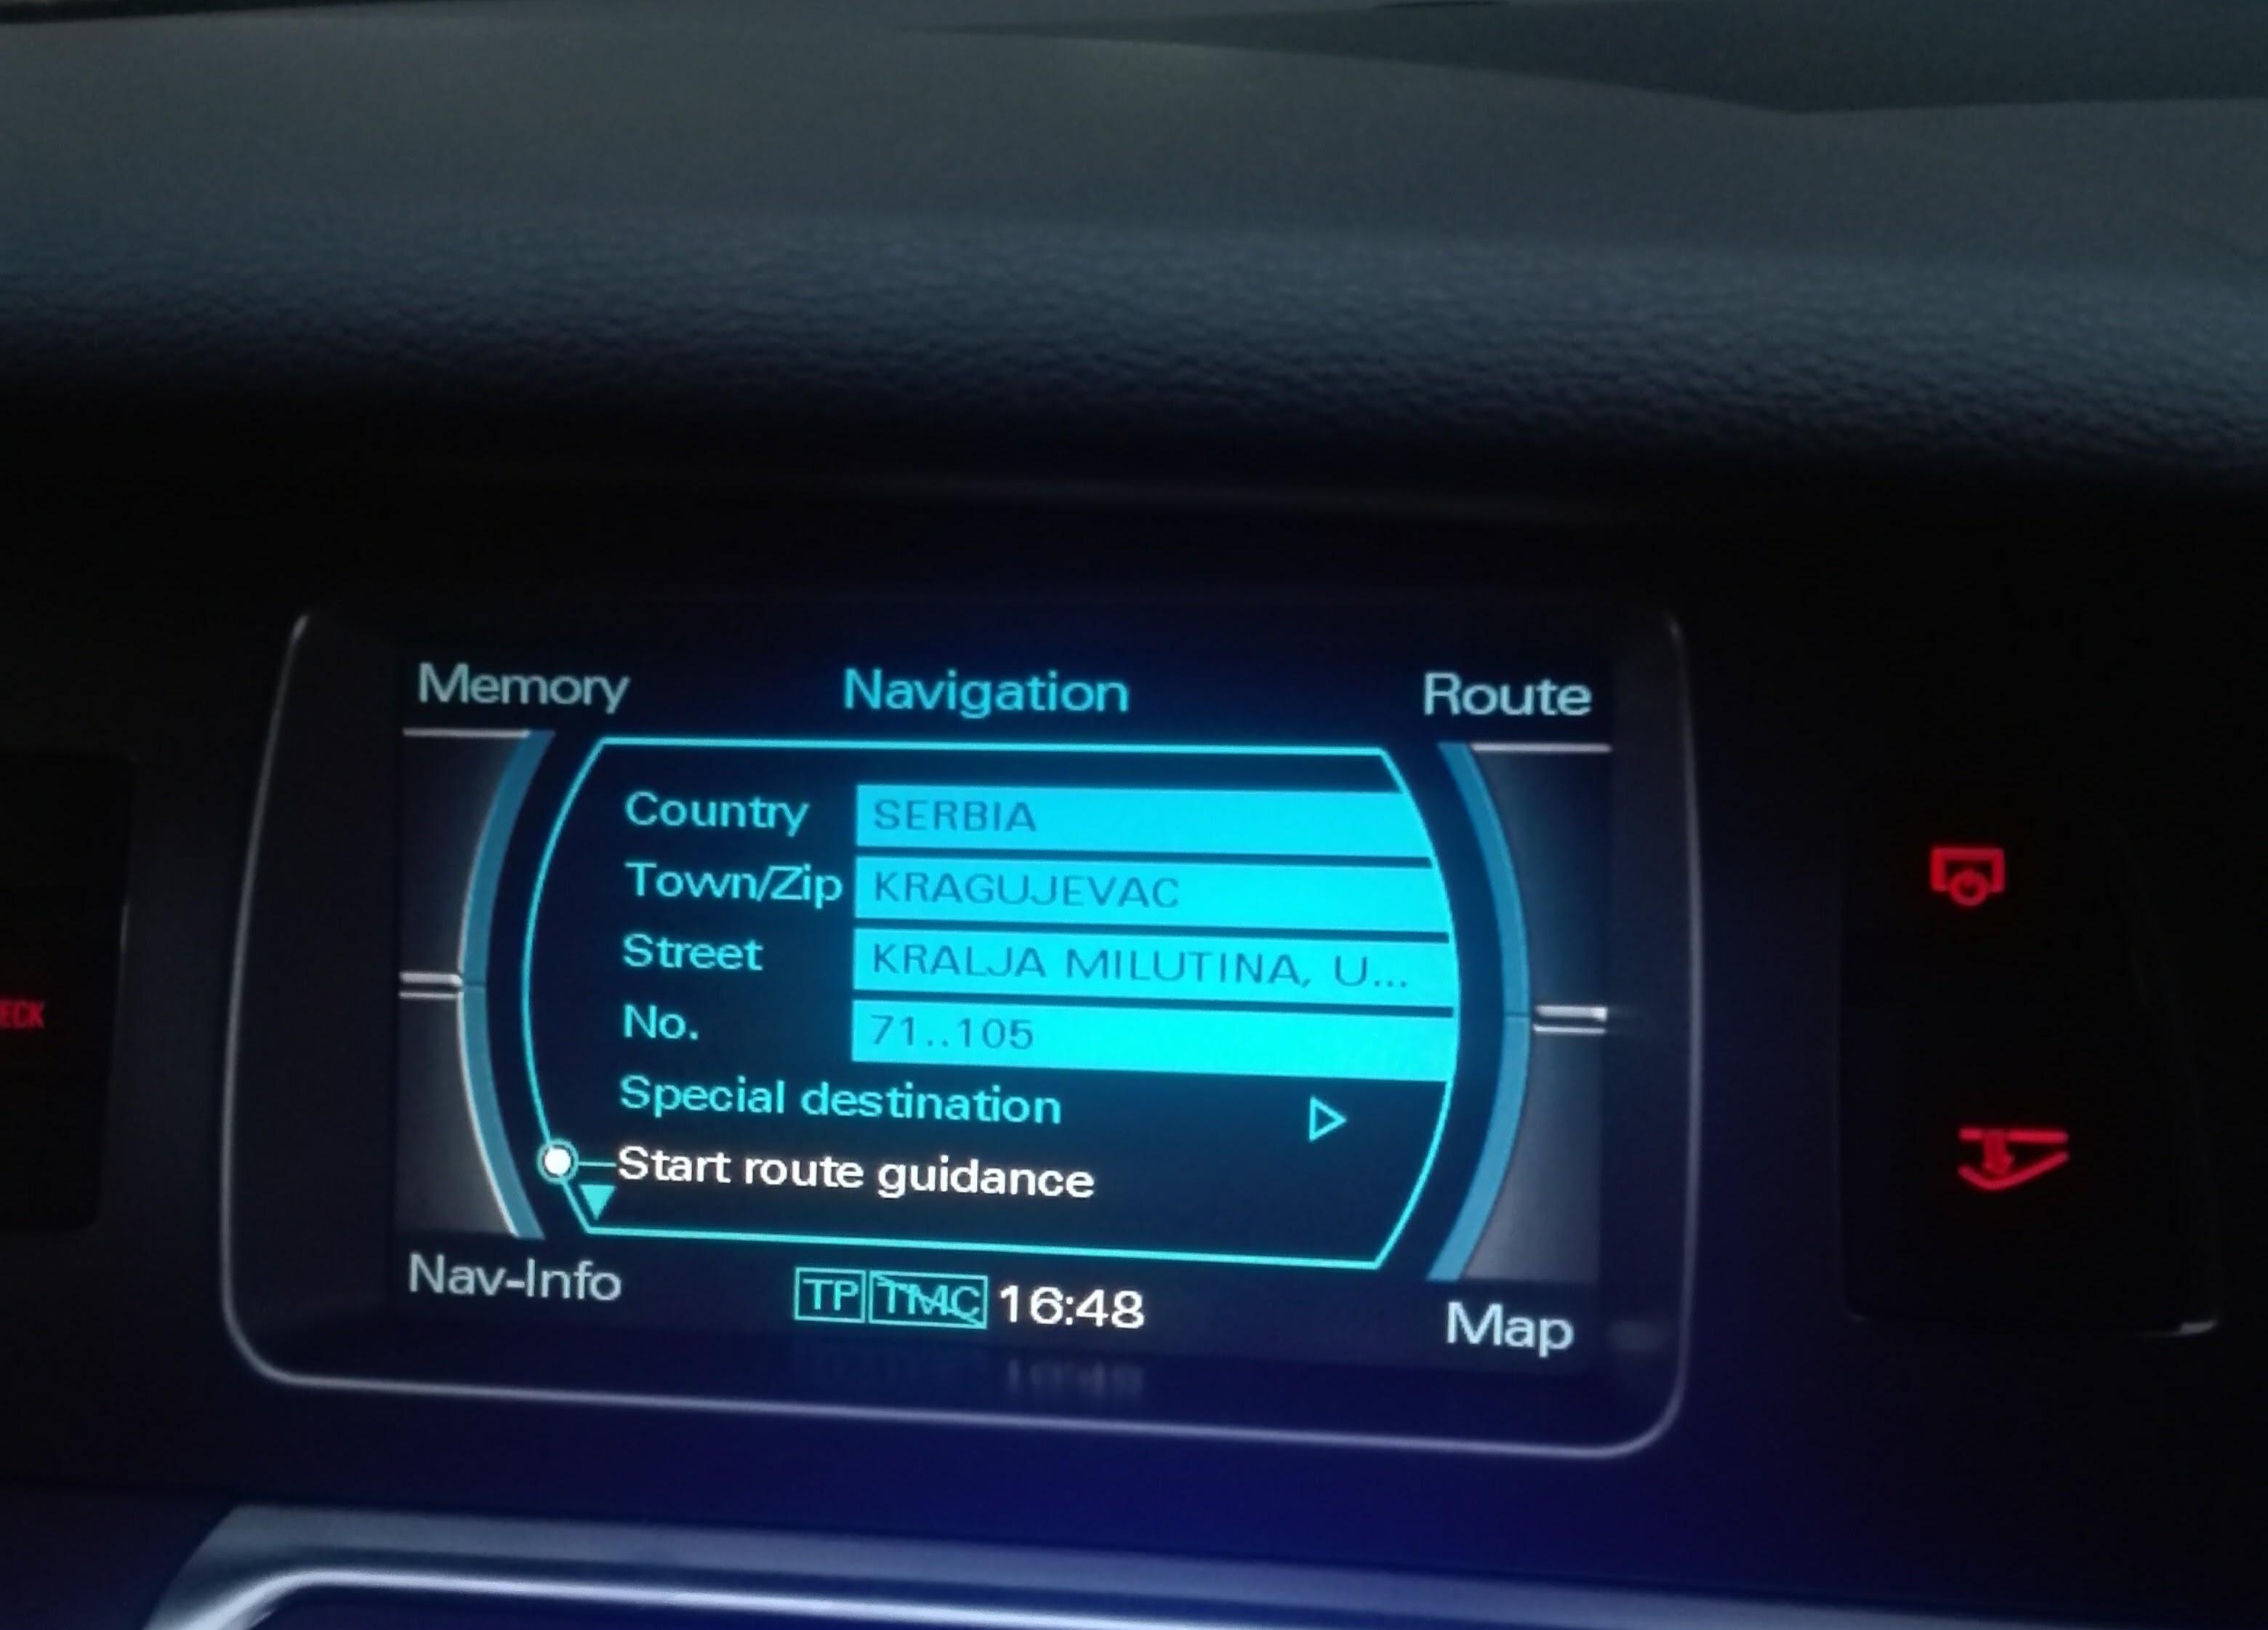 Audi fabričke navigacije MMI 2G u Kragujevcu